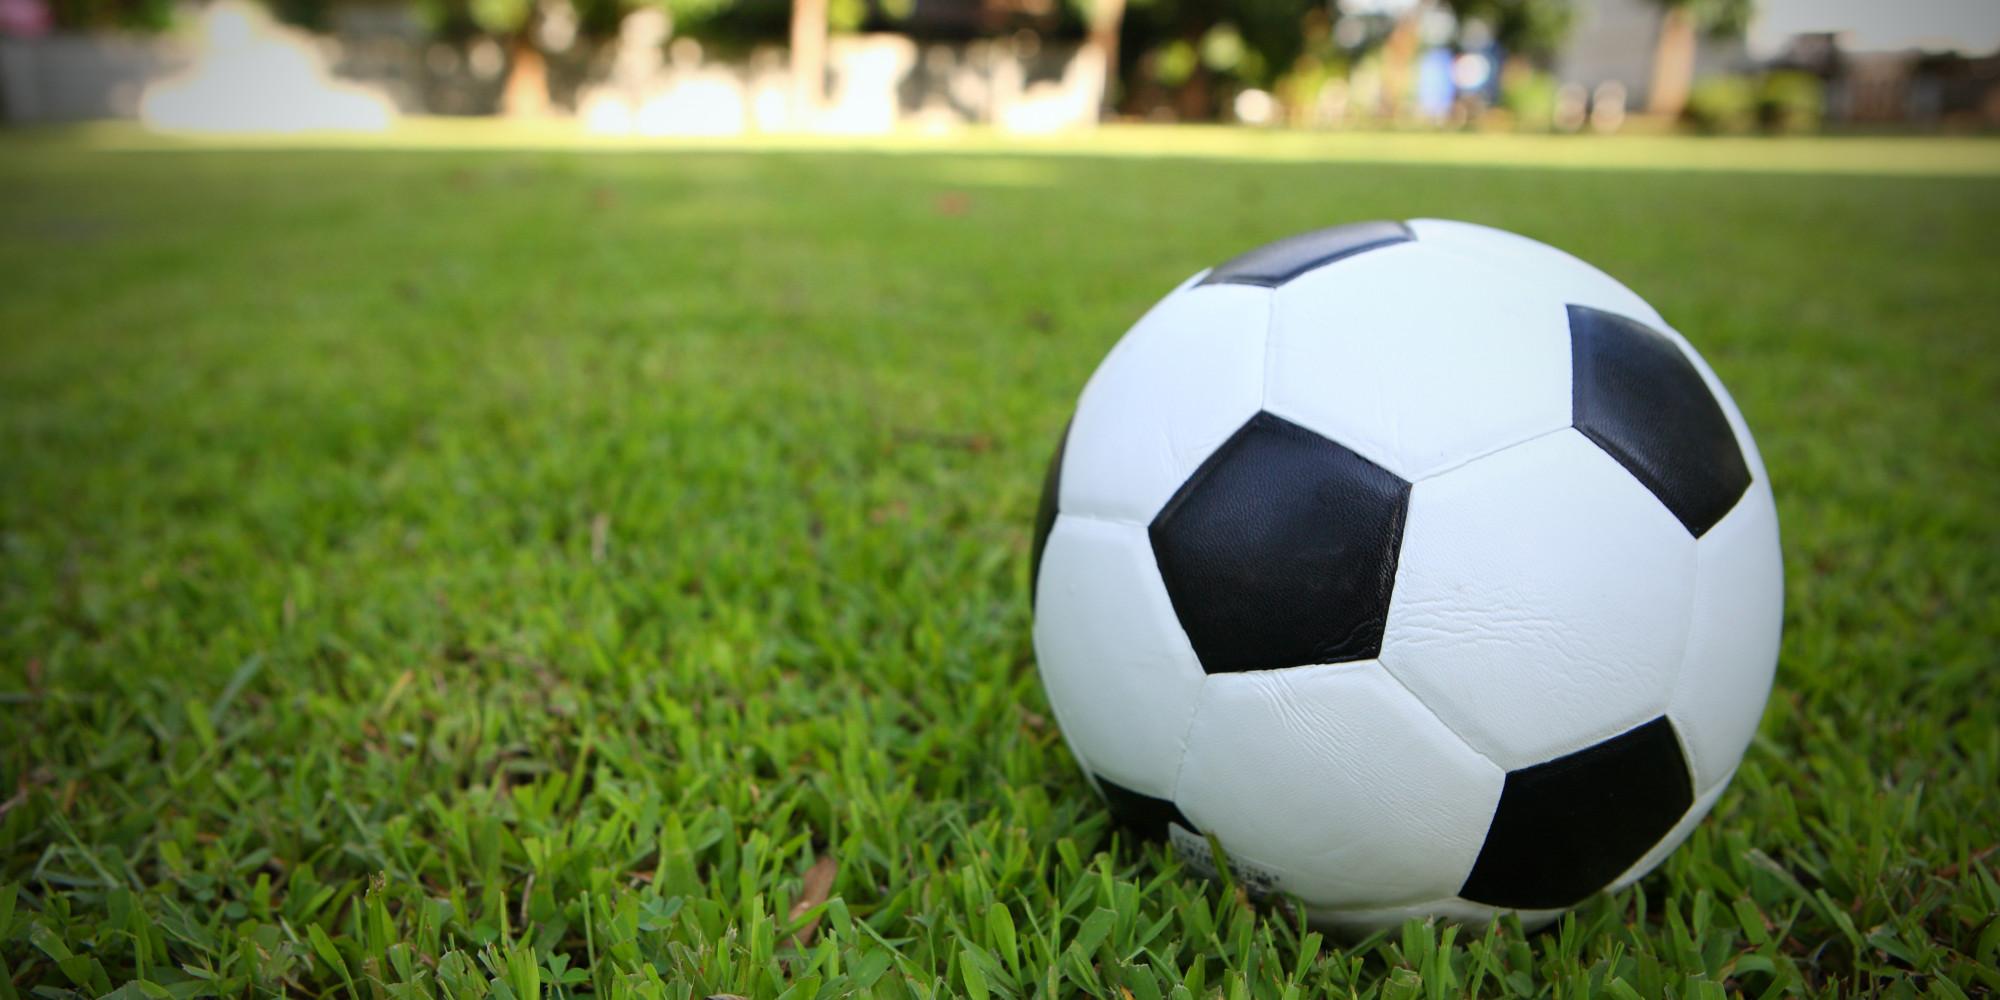 Scotts Hill Soccer